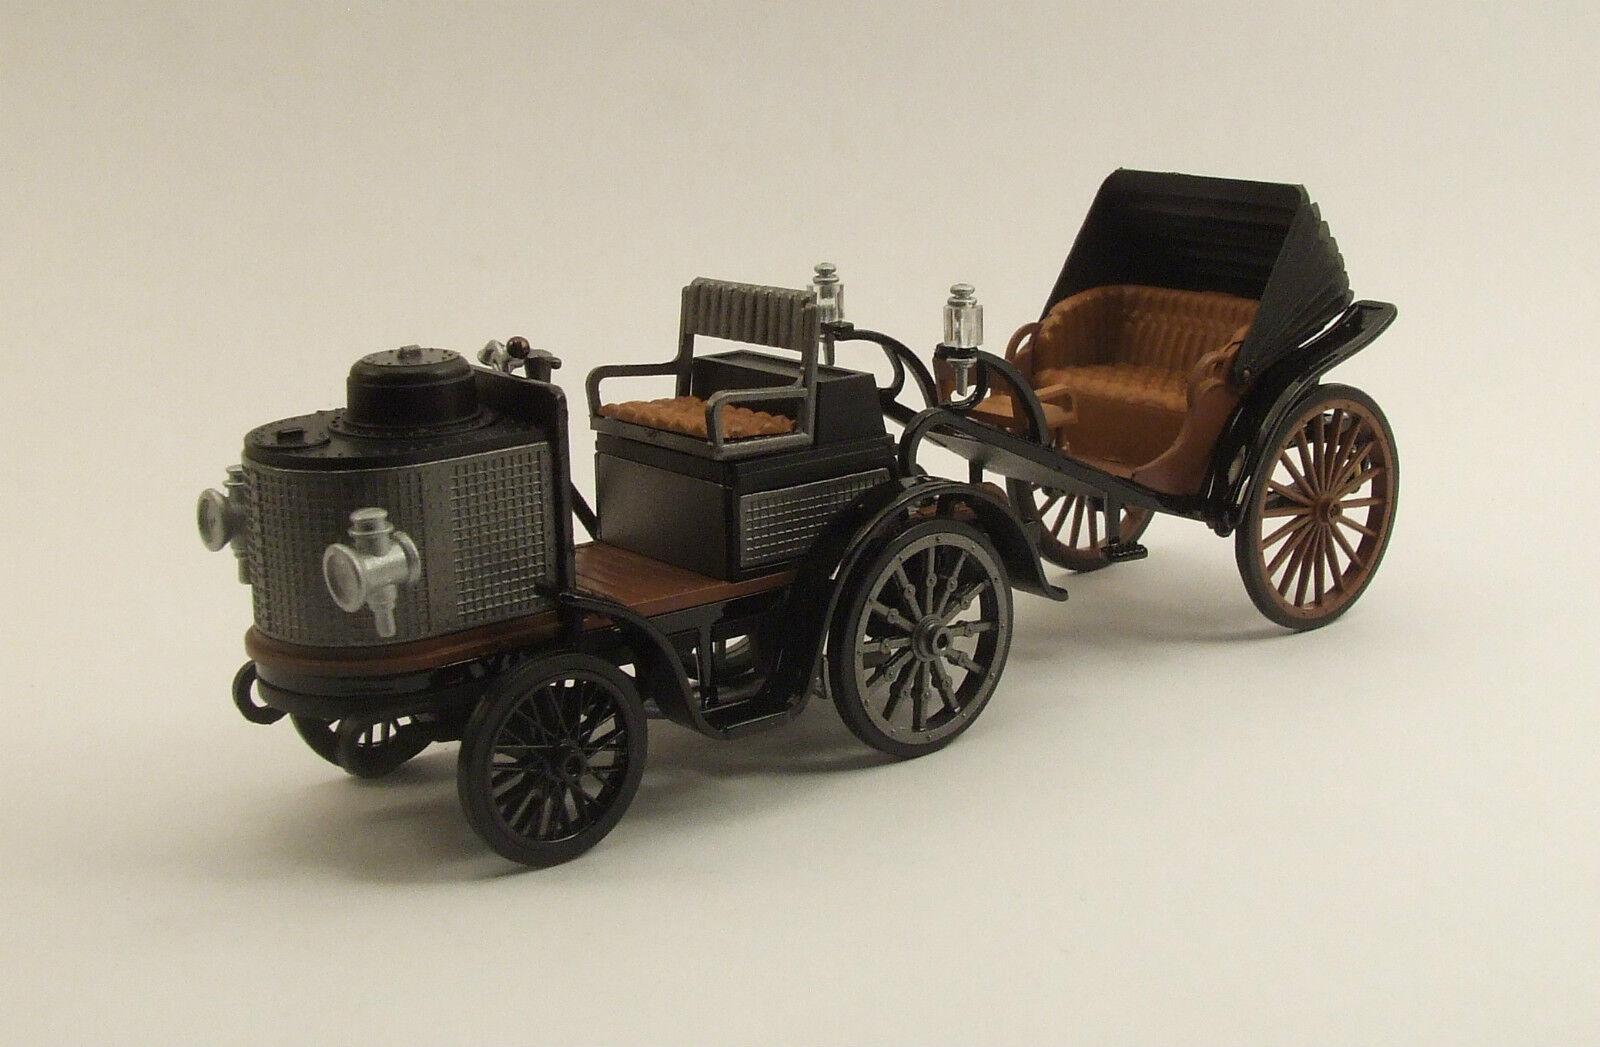 De Dion Bouton 1894  1 43 RIO 4374   livraison rapide